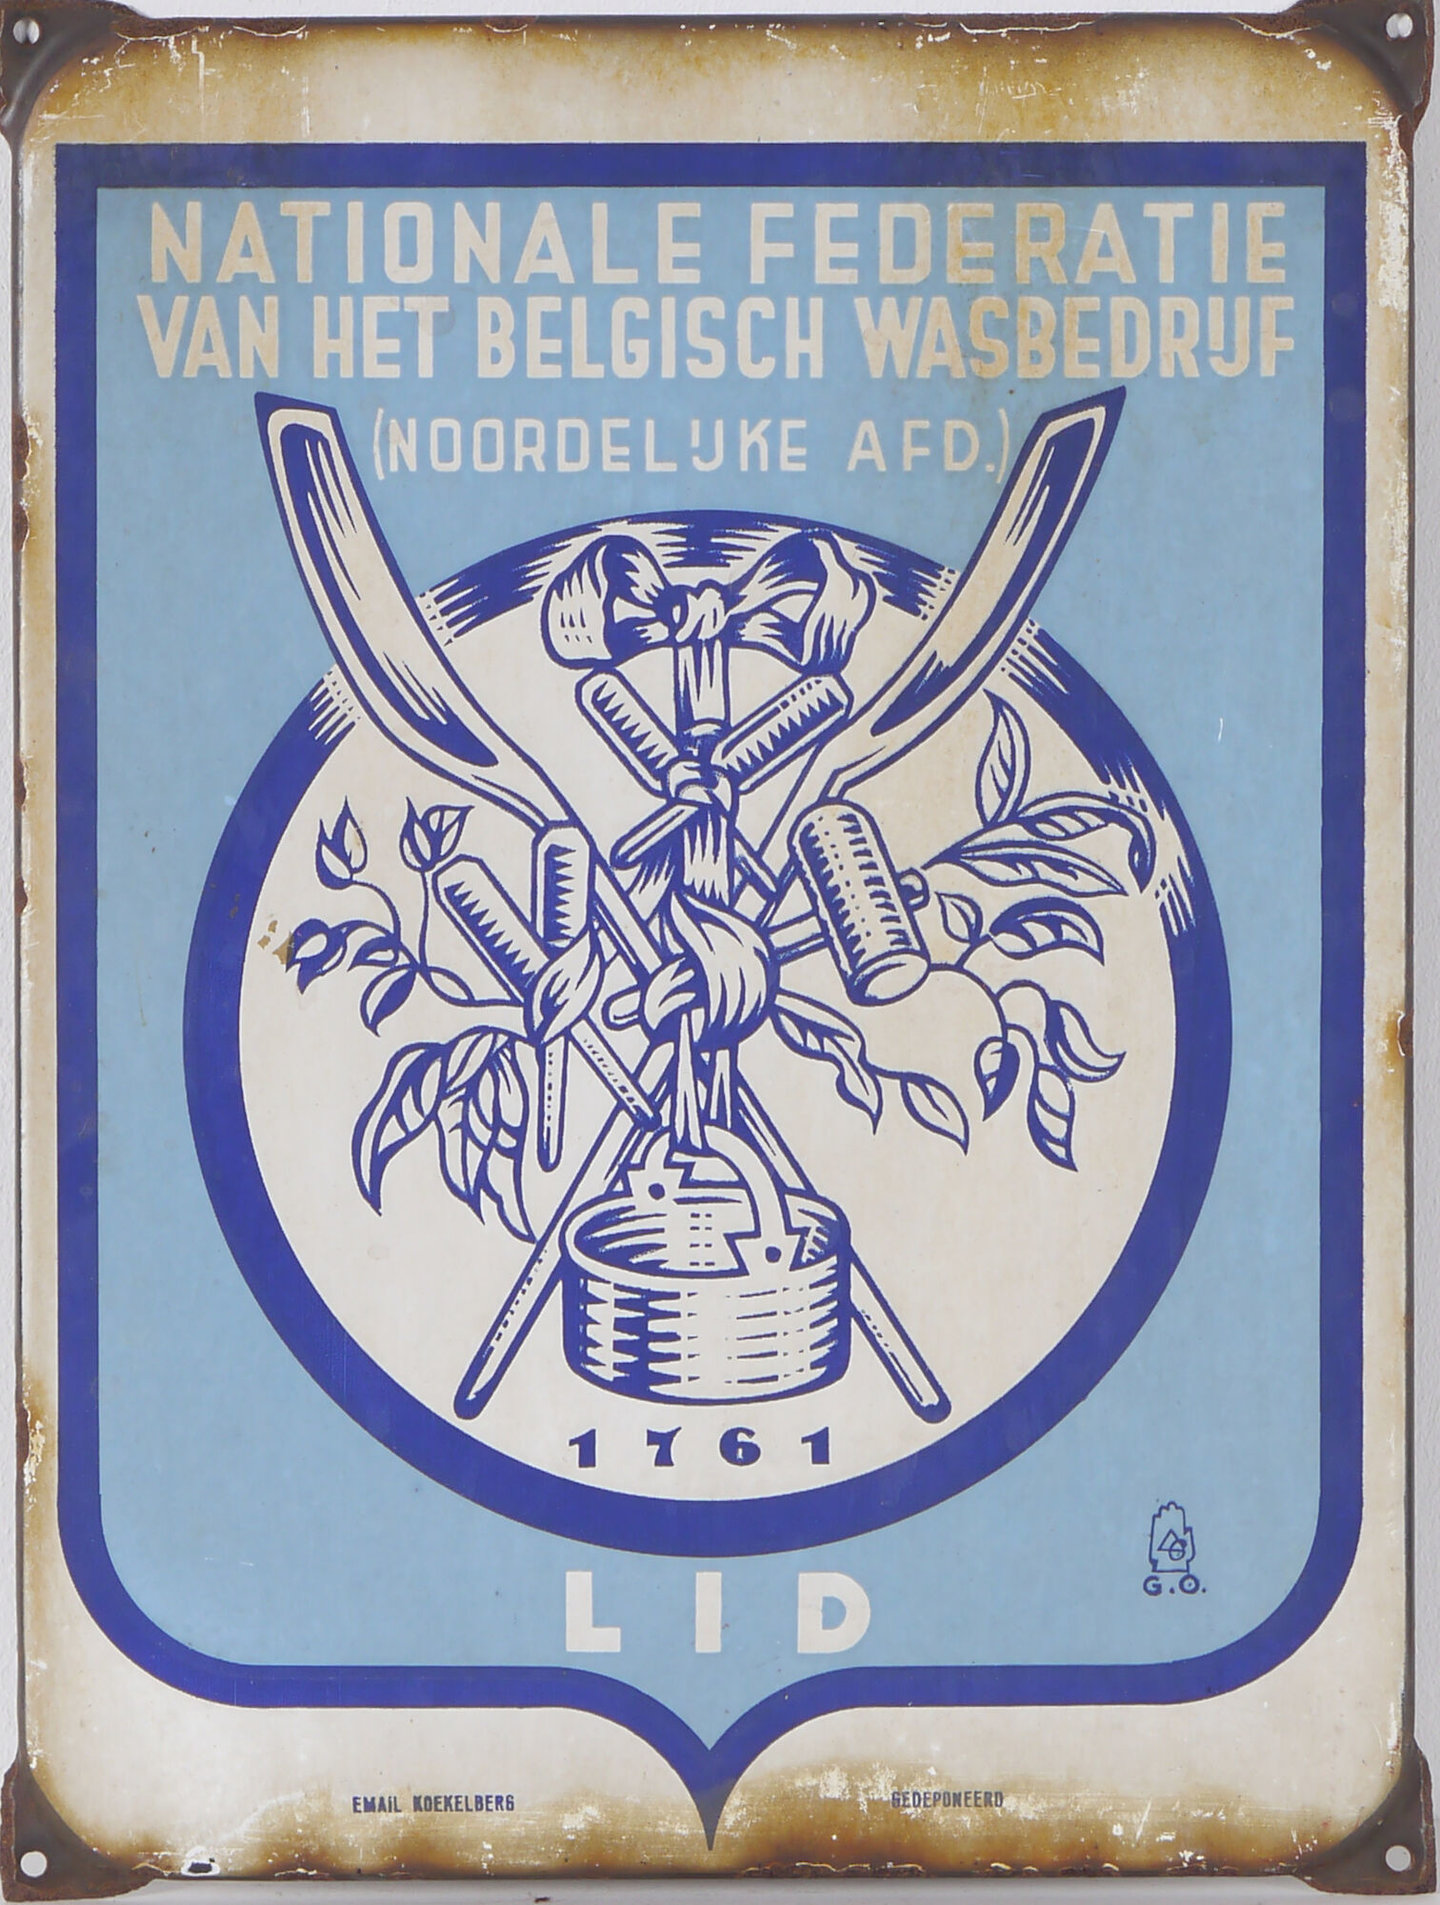 Geëmailleerd informatiebord voor de Federatie van het Belgisch Wasbedrijf